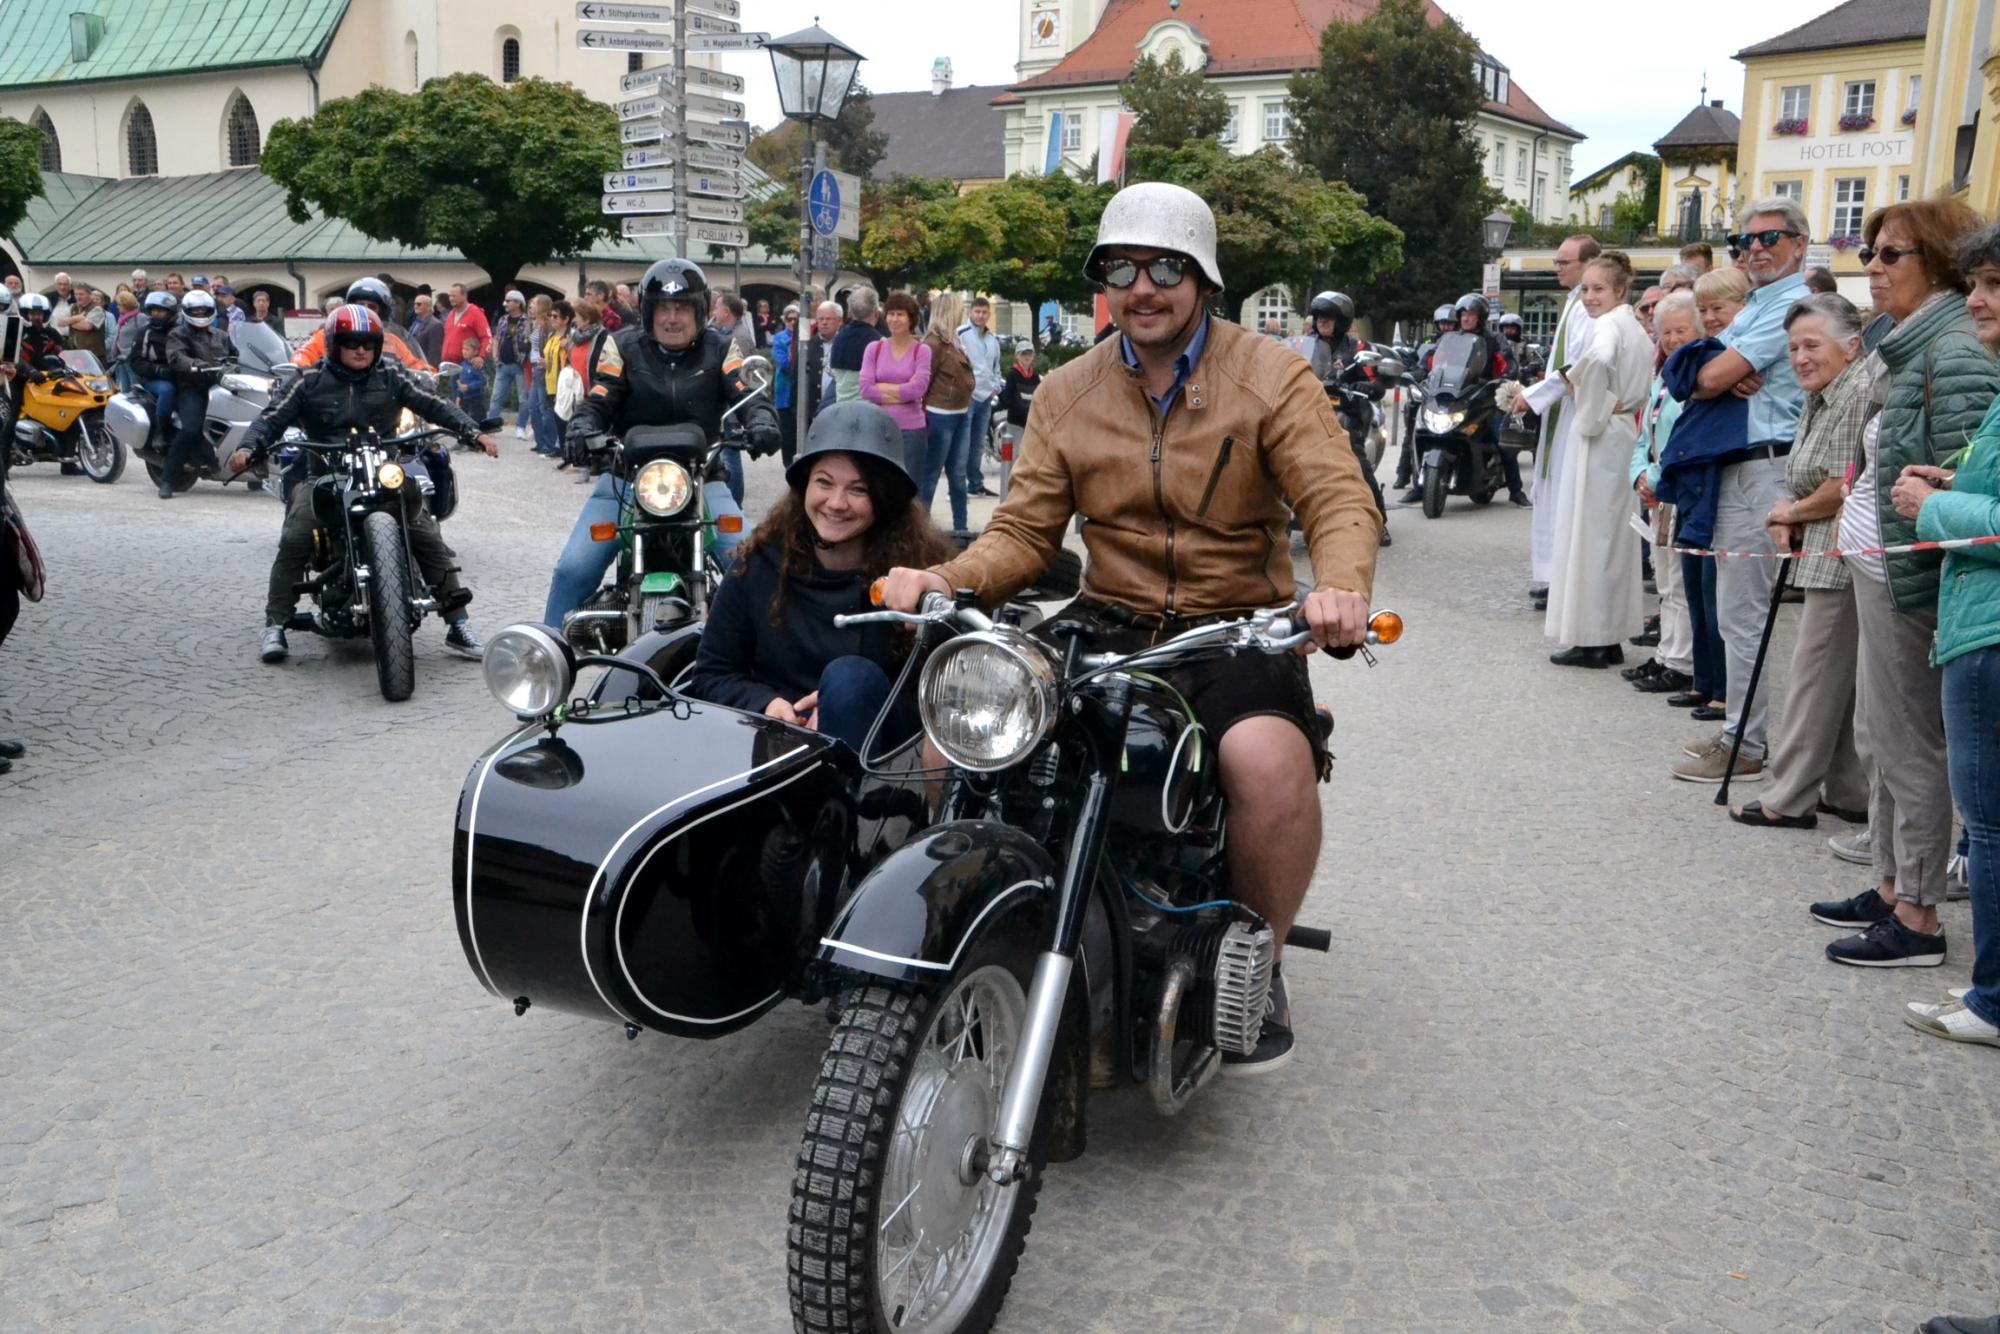 17.-Bikerwallfahrt-nach-Altötting-22.09.2019-58